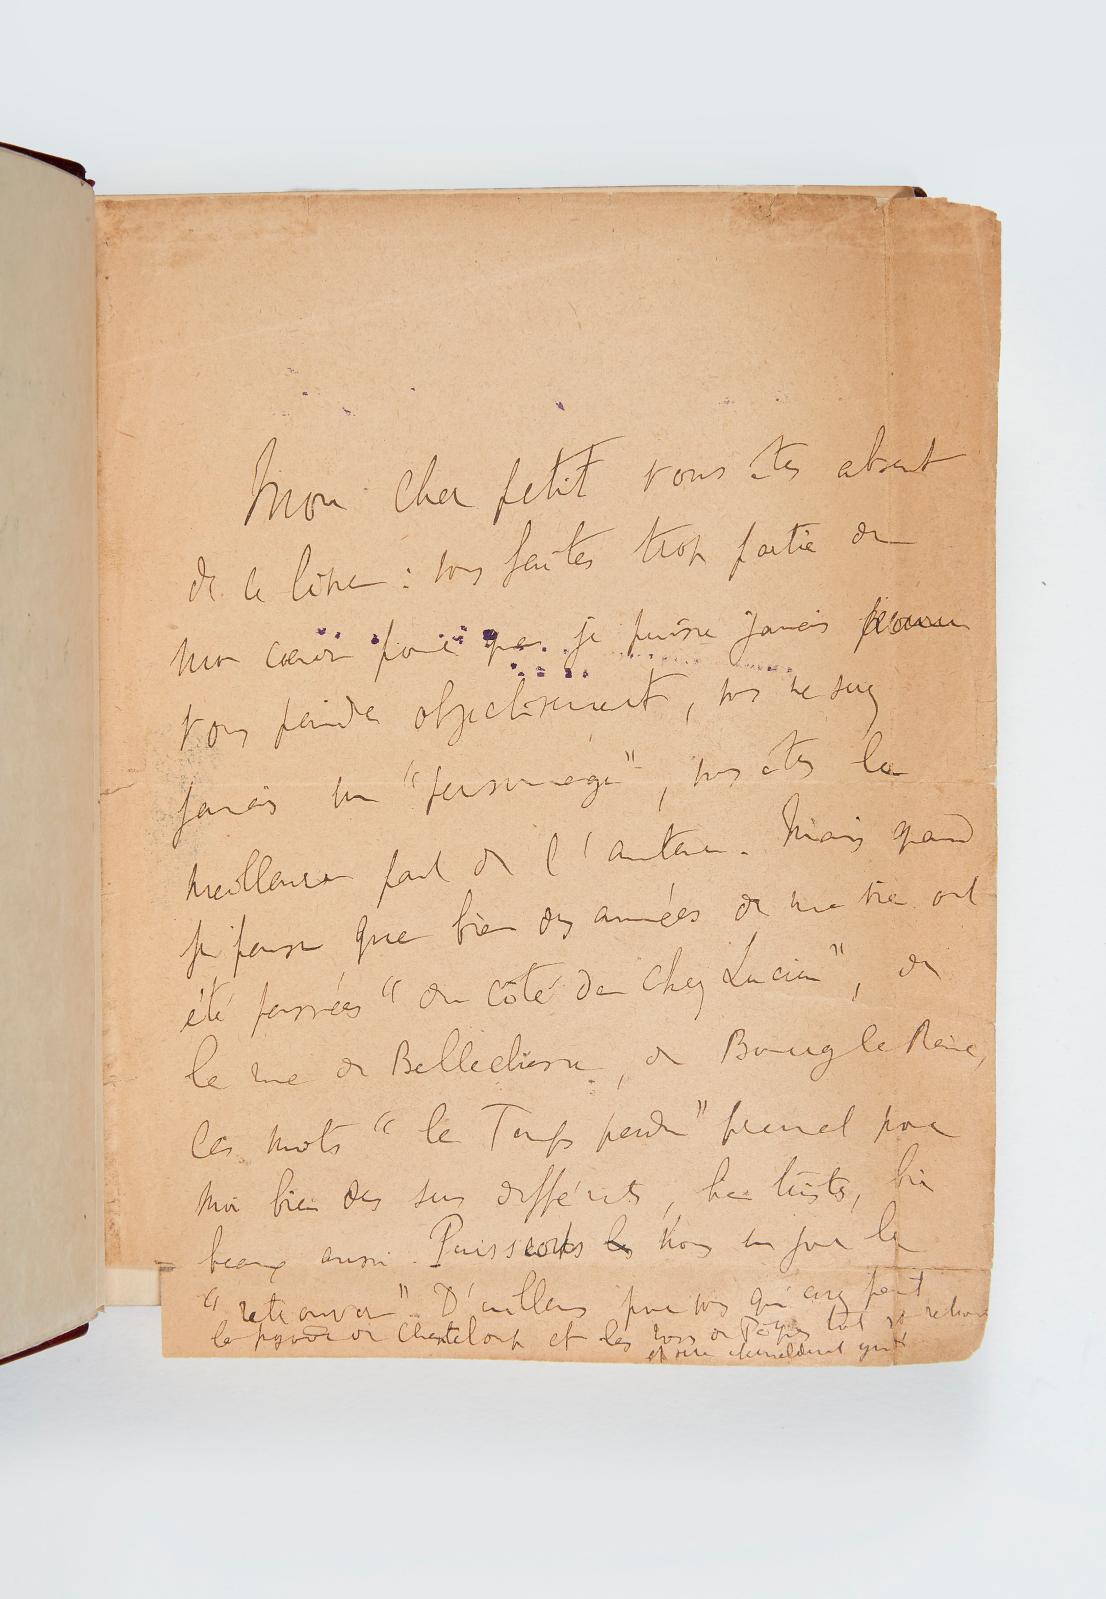 Marcel Proust(1871-1922), Du côté de chez Swann, Paris, Bernard Grasset, 1914, exemplaire de l'édition originale, no1 des cinq premiers sur papier d